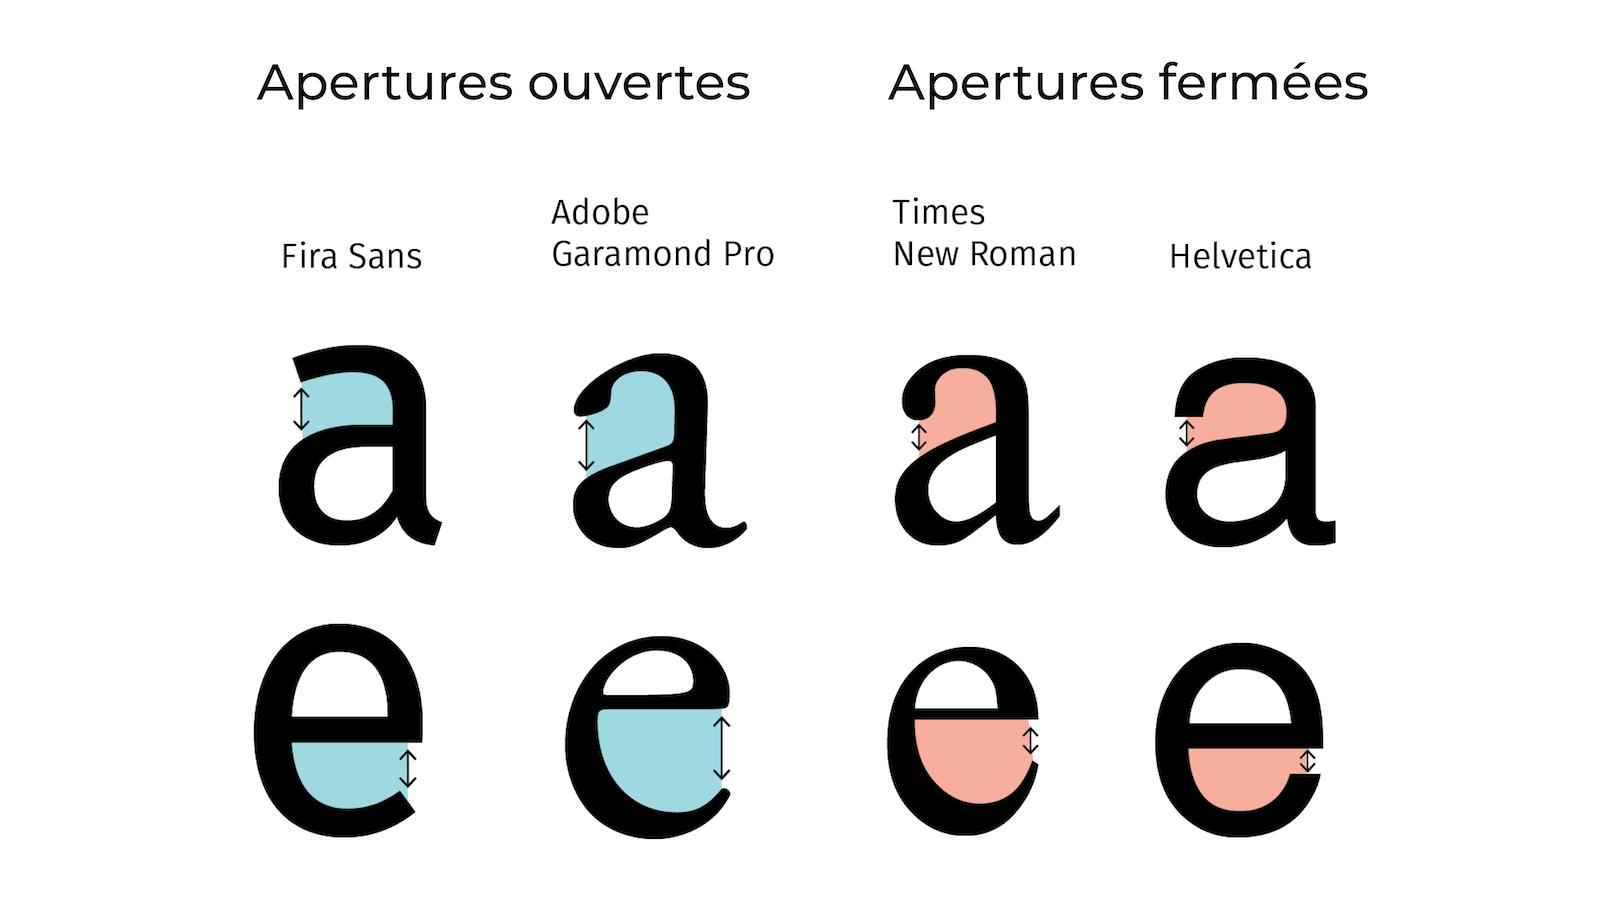 Exemples d'apertures ouvertes et fermées sur des minuscules avec et sans serif.